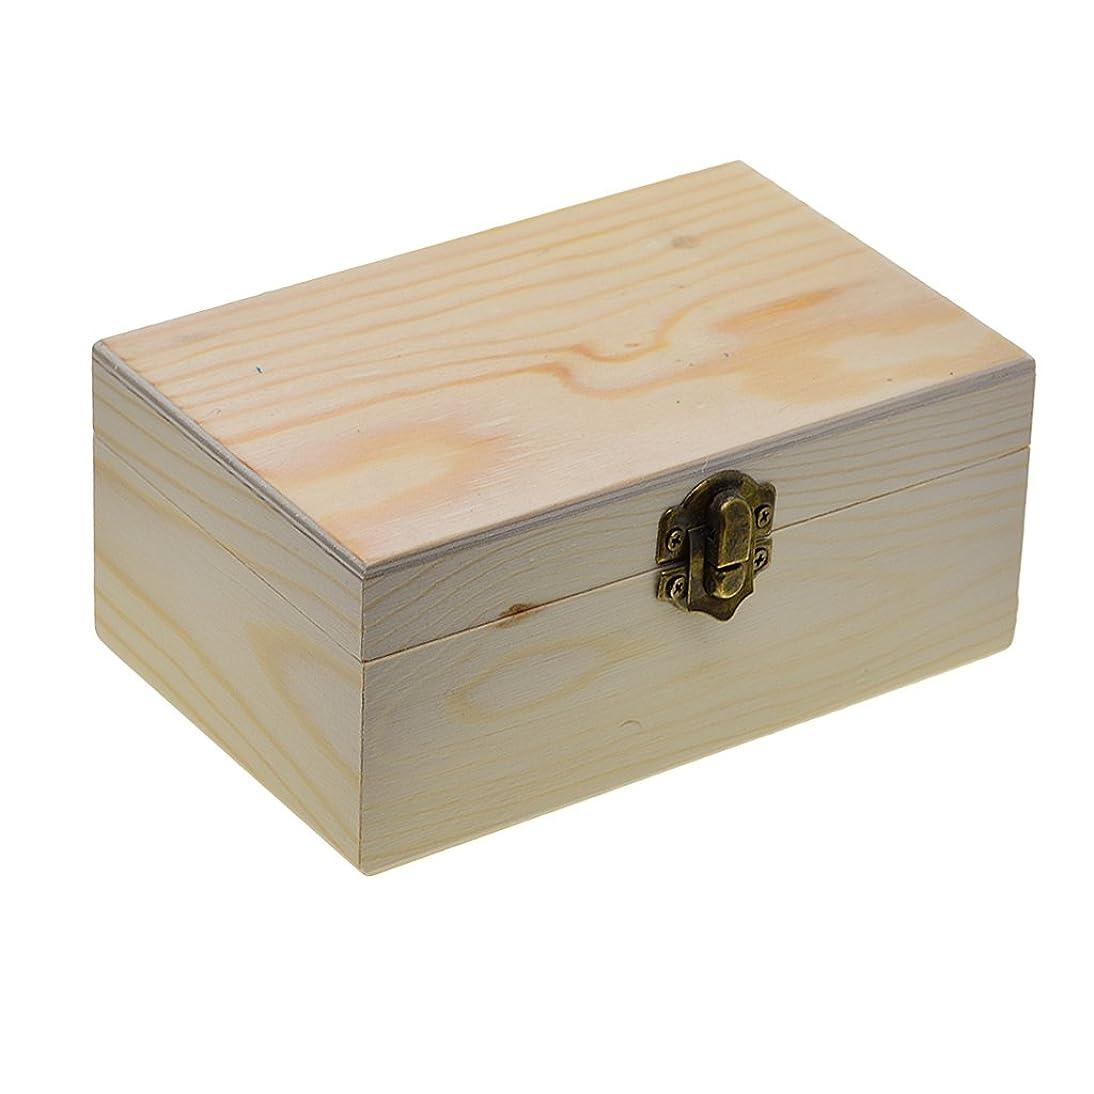 振りかける離れた地元Hellery 木箱 ボックス 宝石箱 収納ボックス 小物入れ アクセサリー 整理 収納盒 塗装されていない DIY